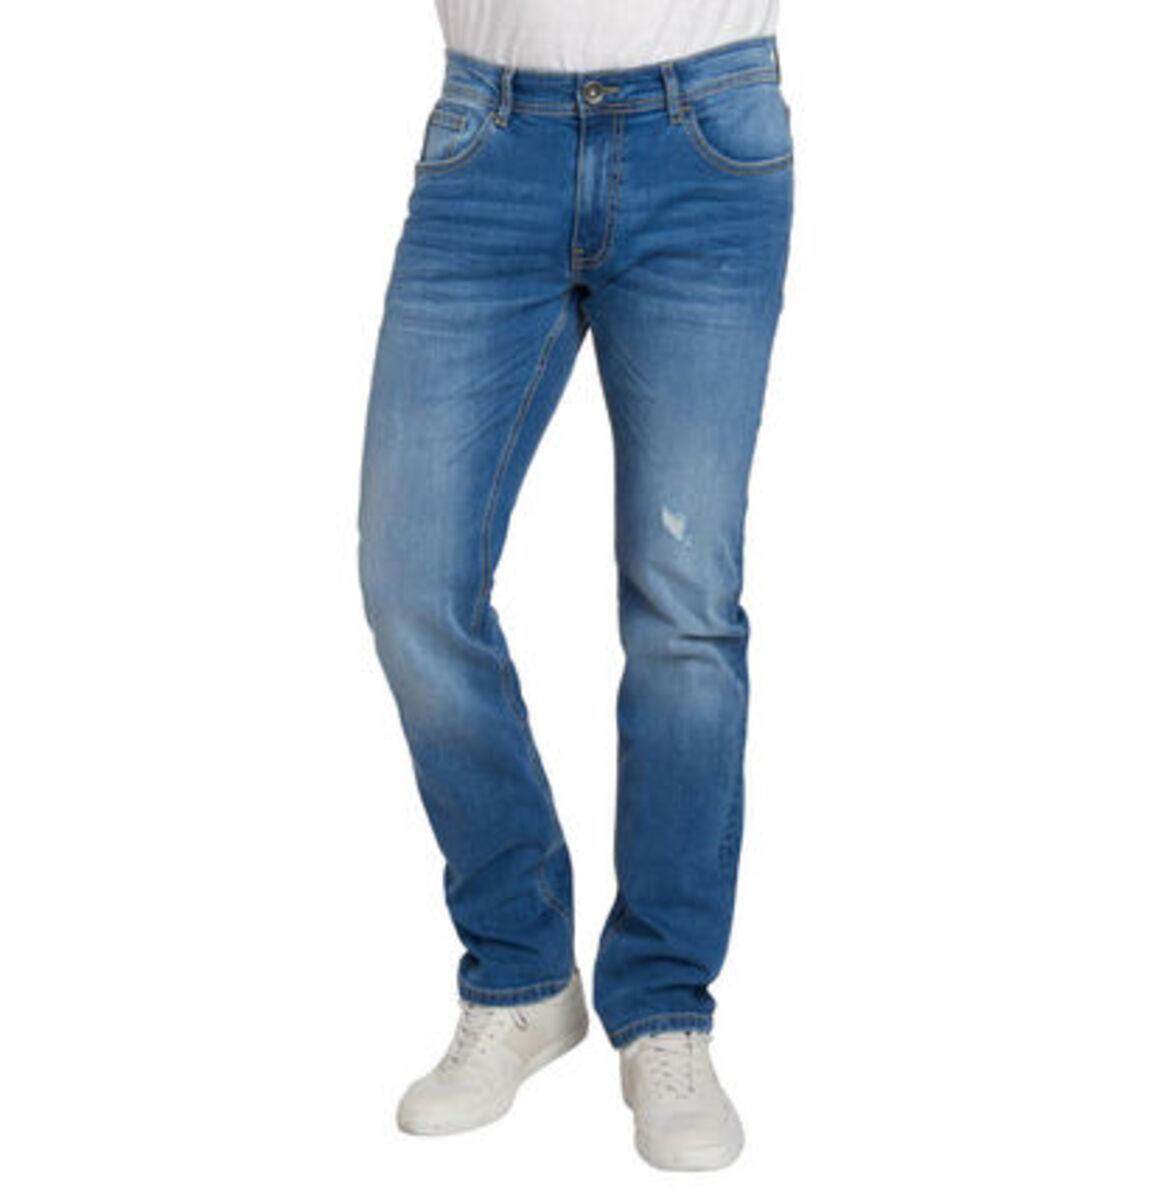 Bild 1 von manguun Herren Jeans, Slim Fit, Baumwolle, Destroyed Denim